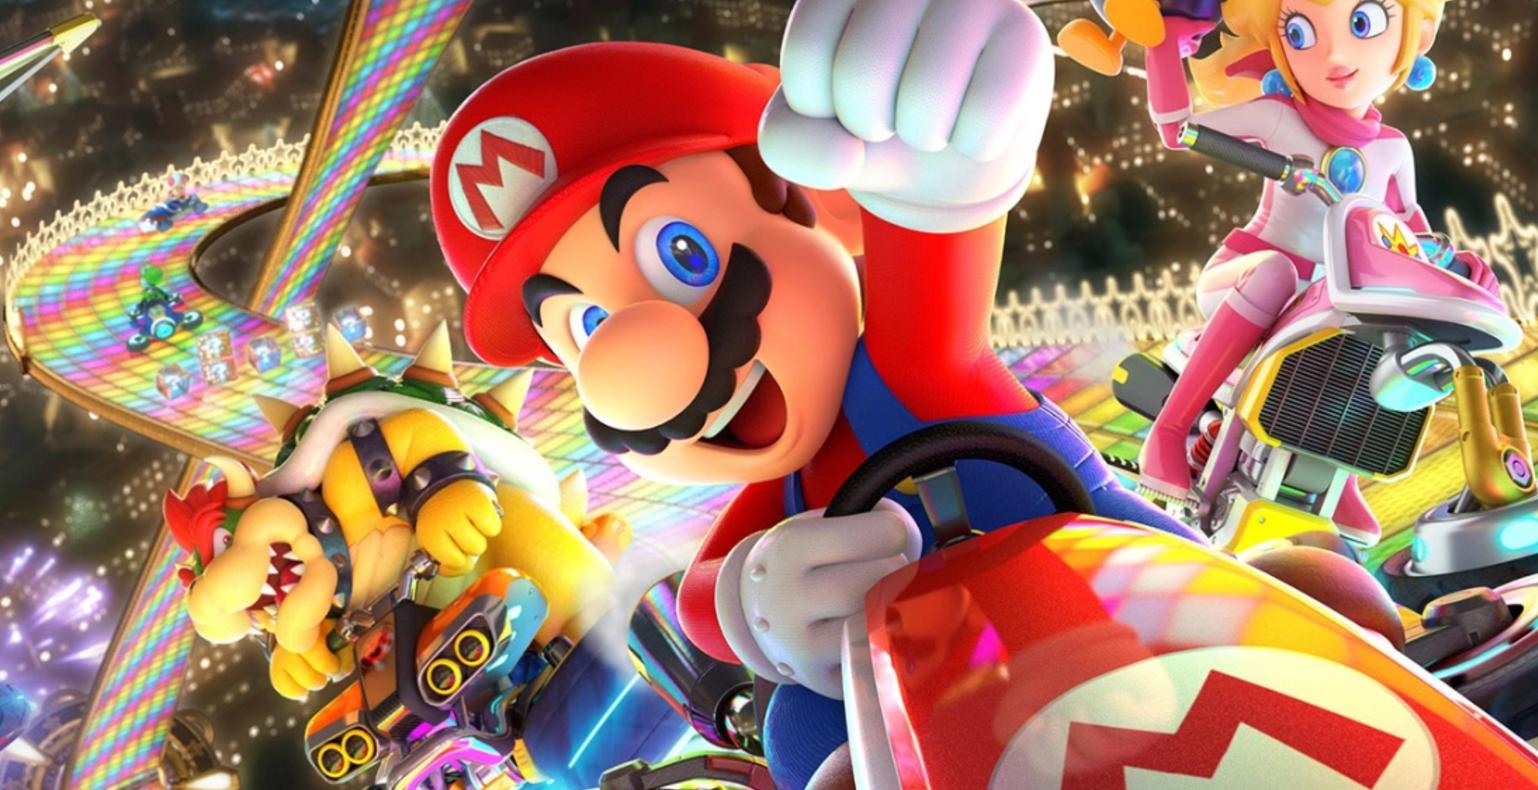 Se comparten resoluciones y rendimiento de Mario Kart 8 Deluxe